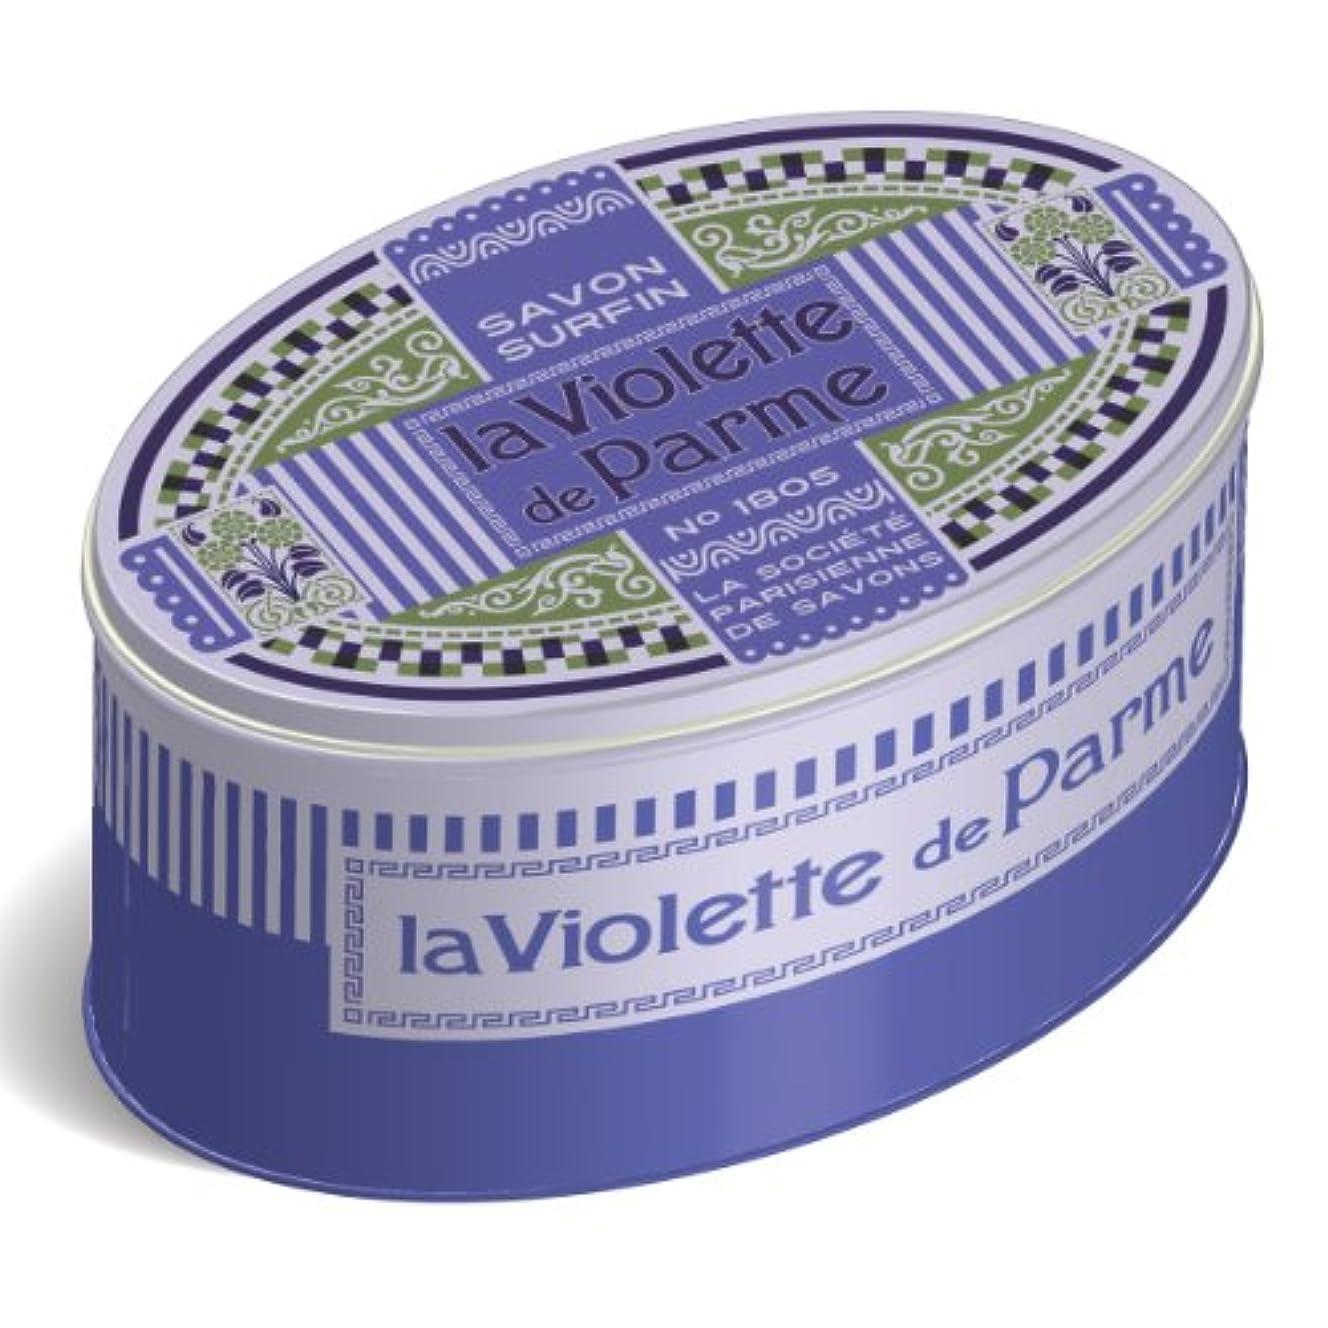 構造祖先緯度LA SOCIETE PARISIENNE DE SAVONS フレグランスソープ(缶入) 250g 「ラヴィオットデパルム」 3440576130614